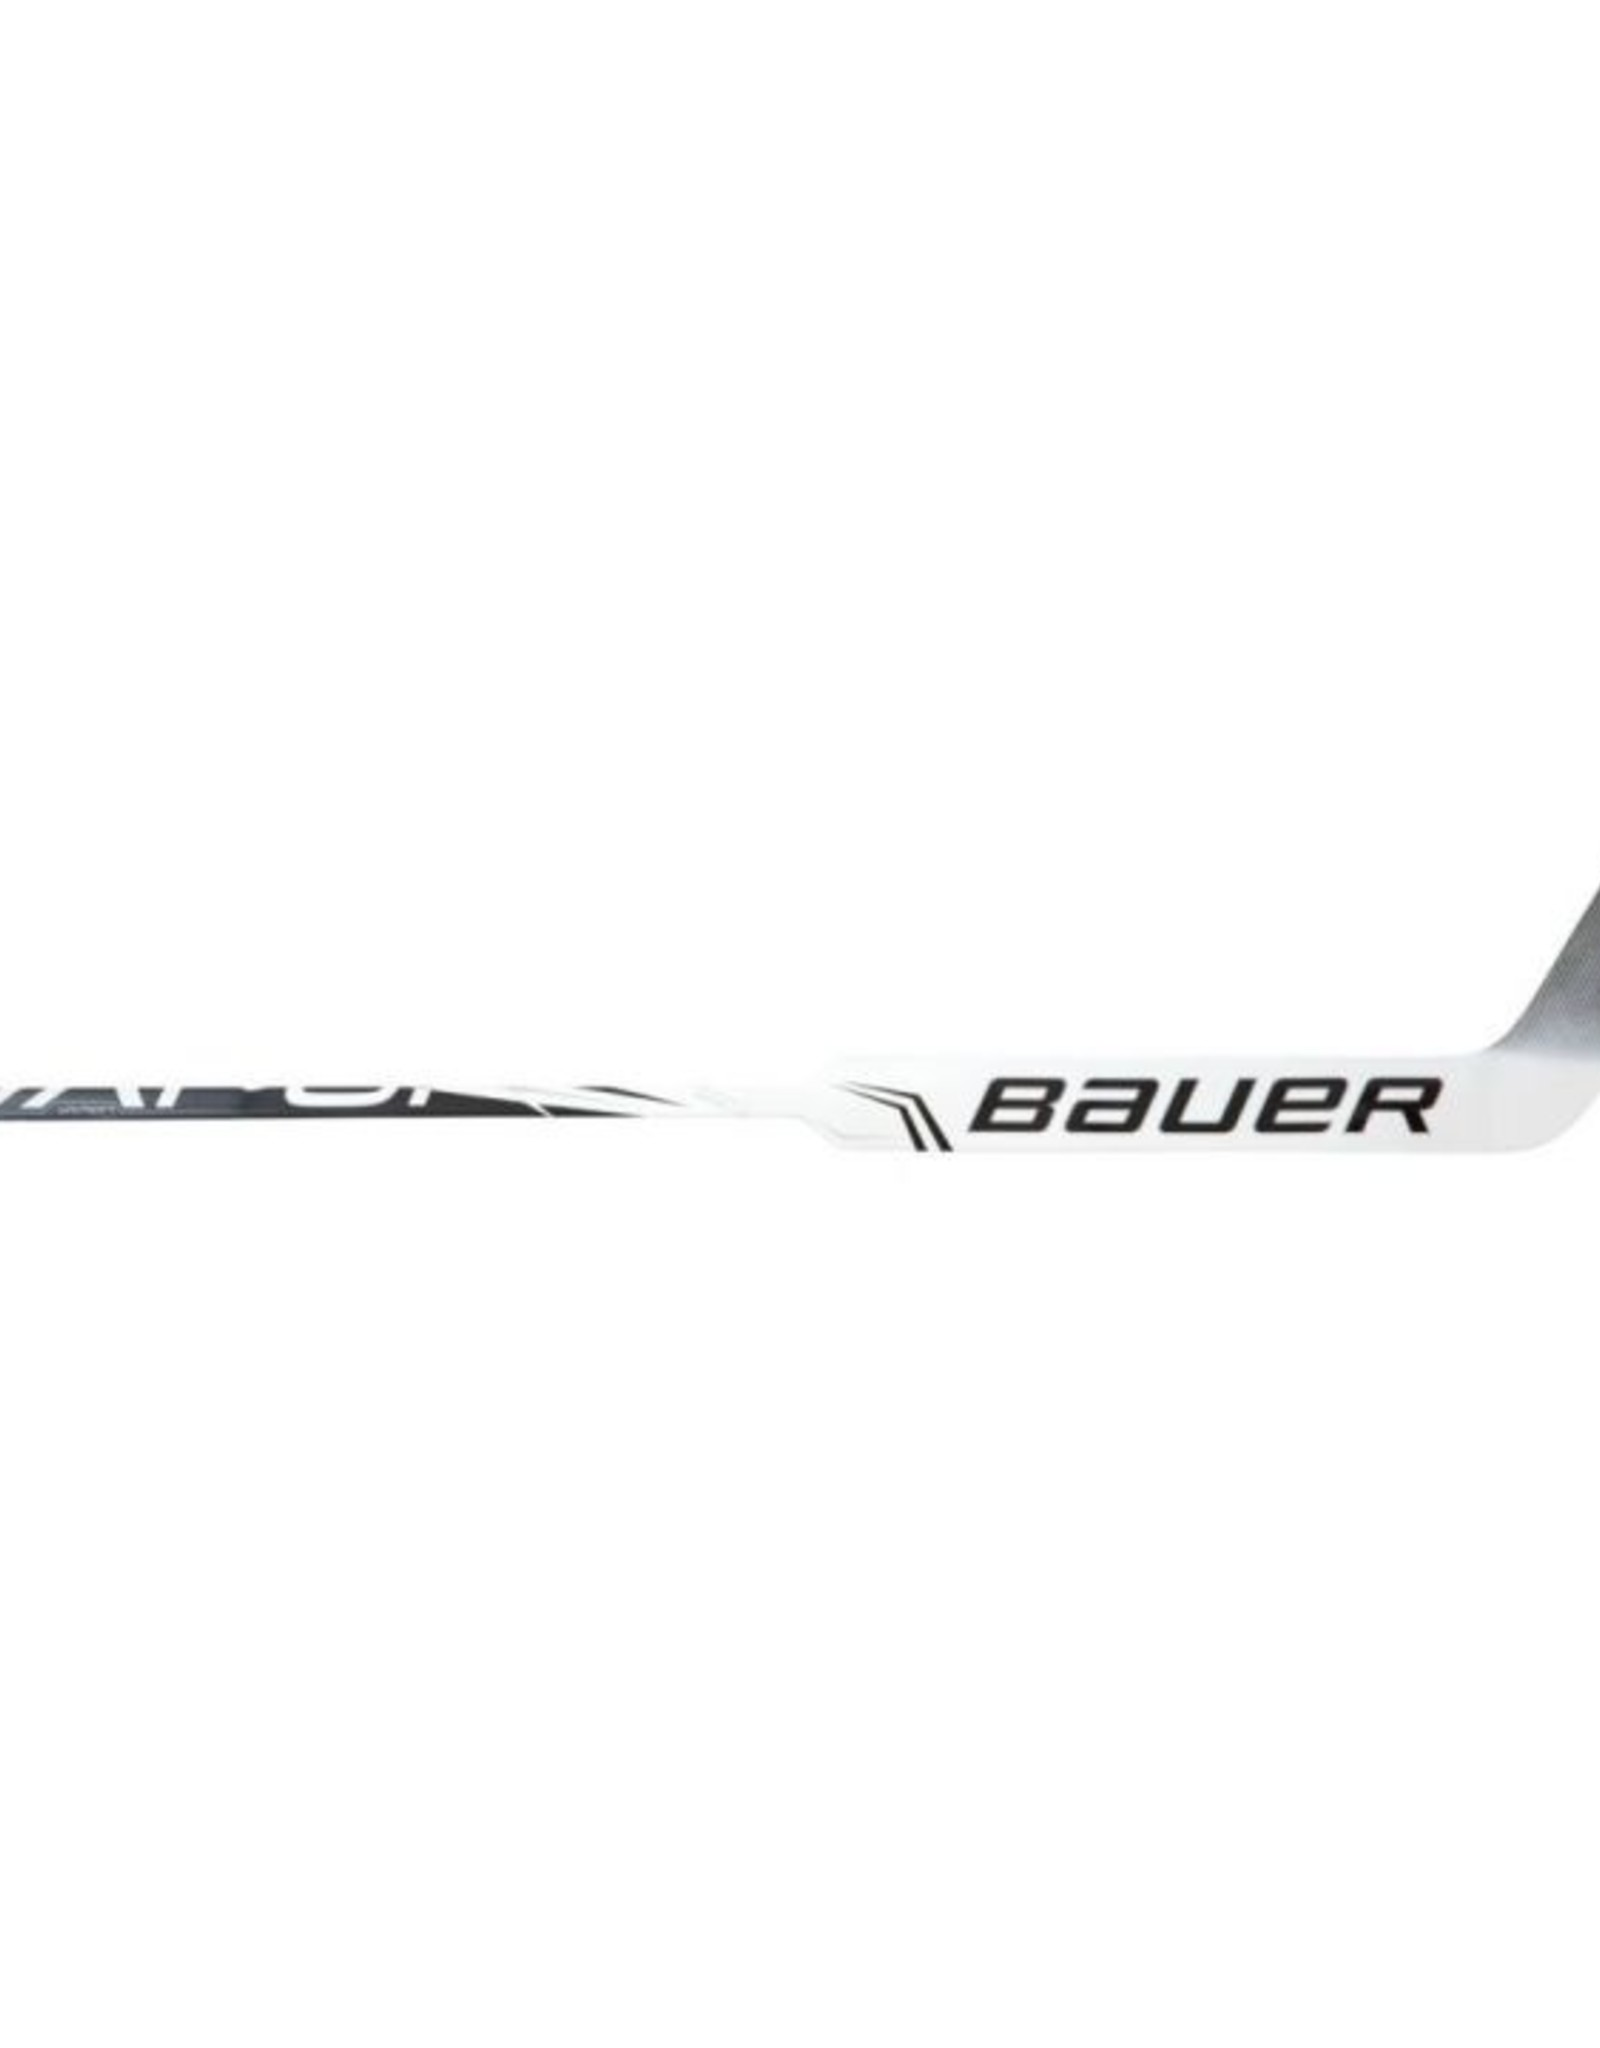 Bauer GOALIE STICK VAPOR X2.9 P31